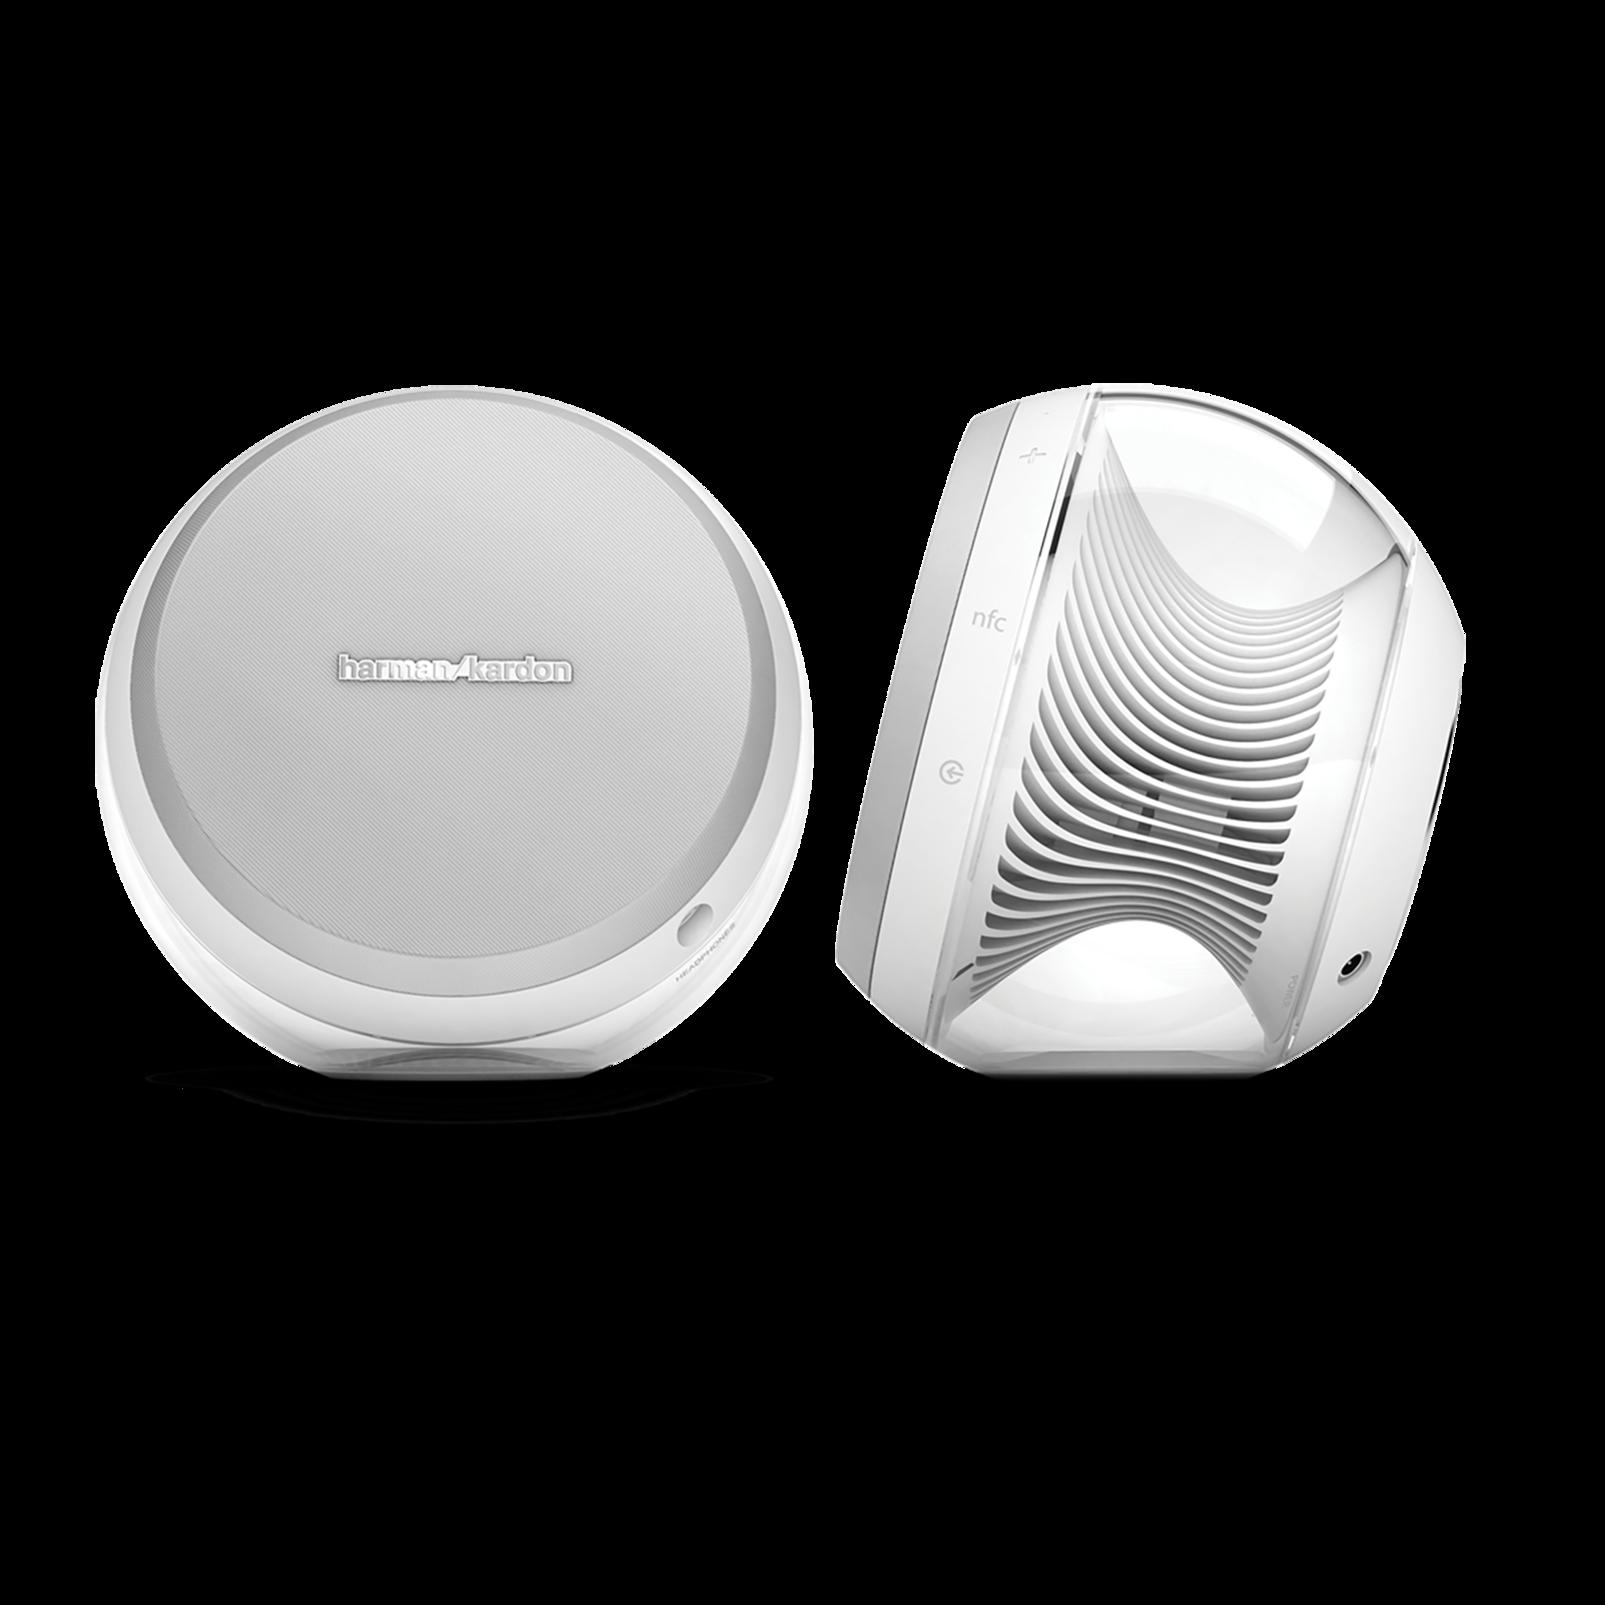 Nova - White - Wireless Stereo Speaker System - Hero